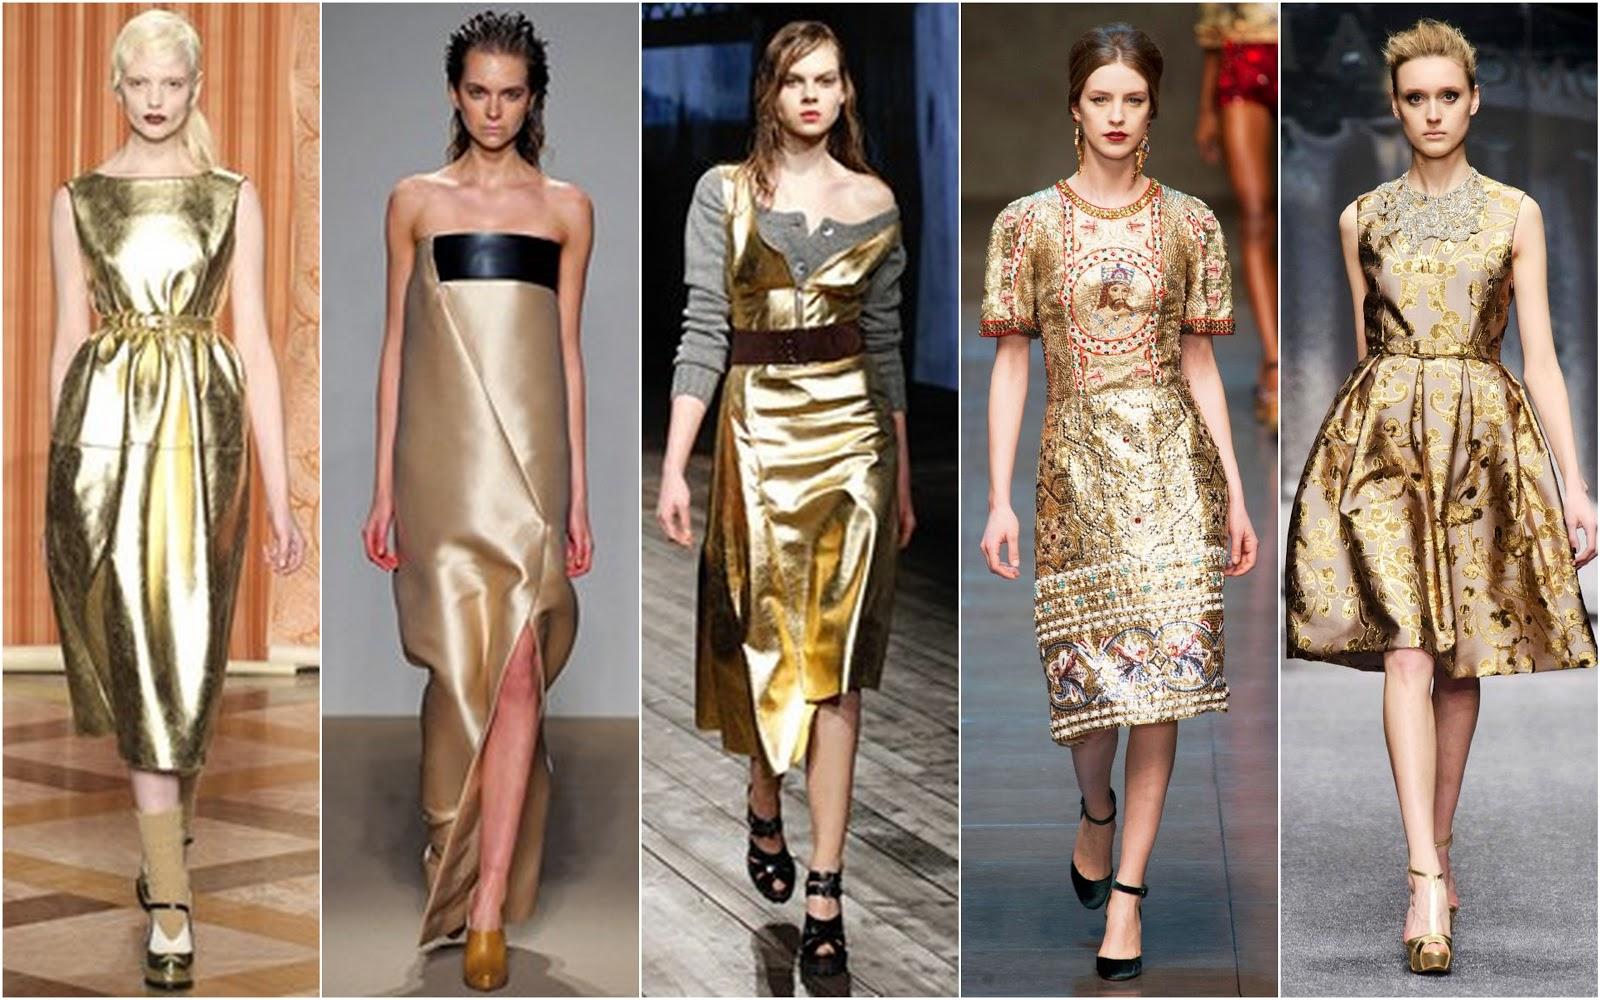 Future fashion trends 2014 - Future Trends 2014